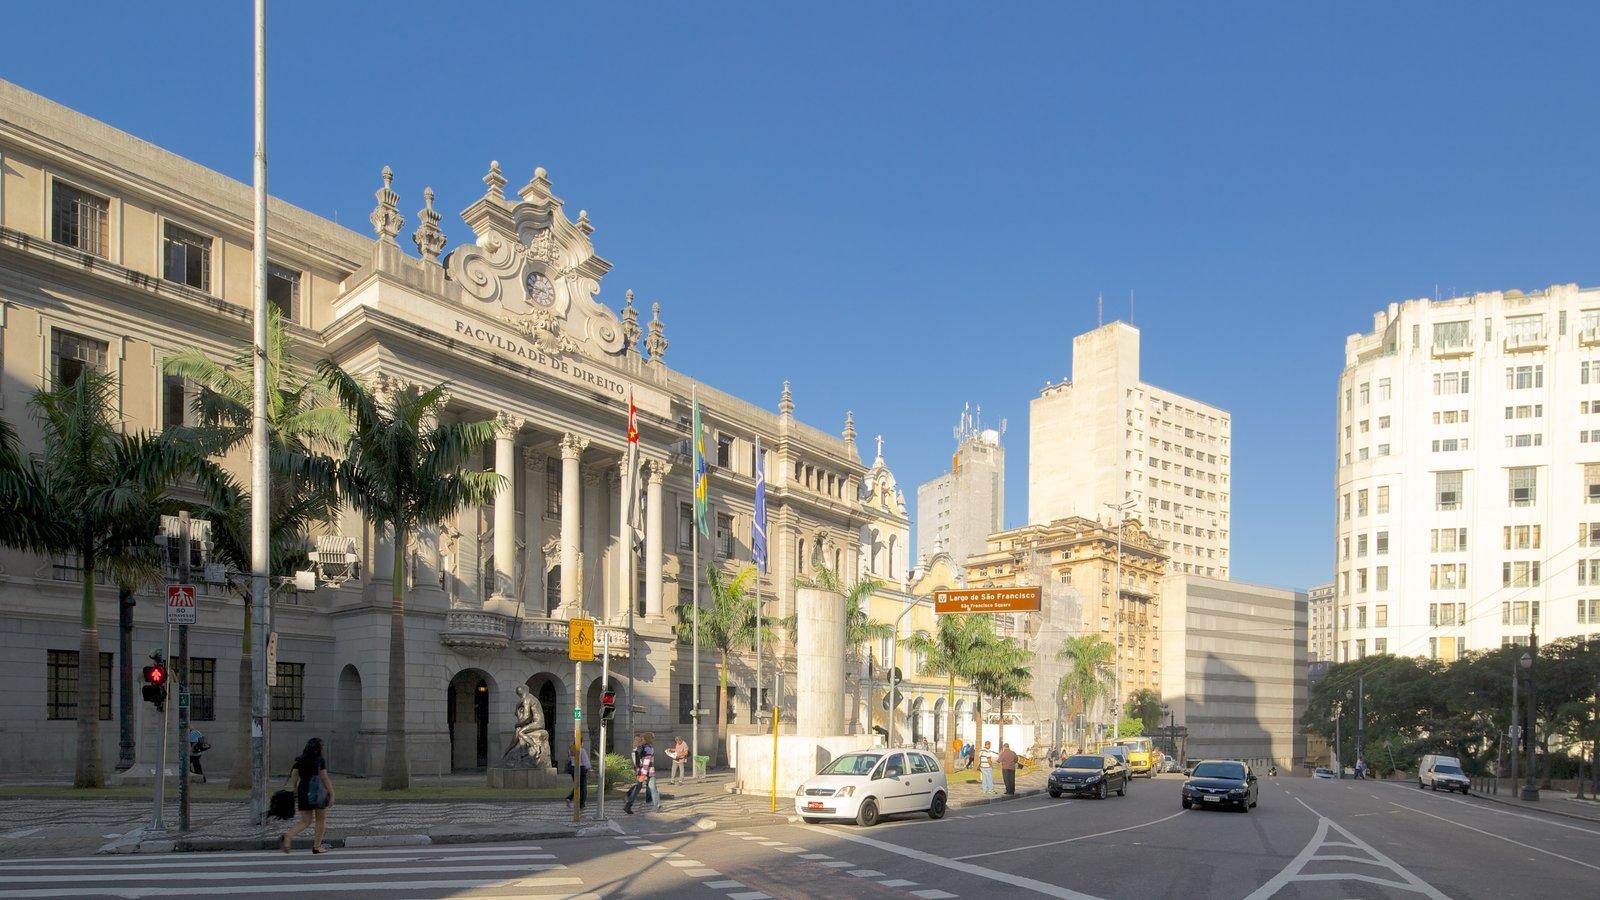 خیابان لارگو د سائو فرانسیسکو